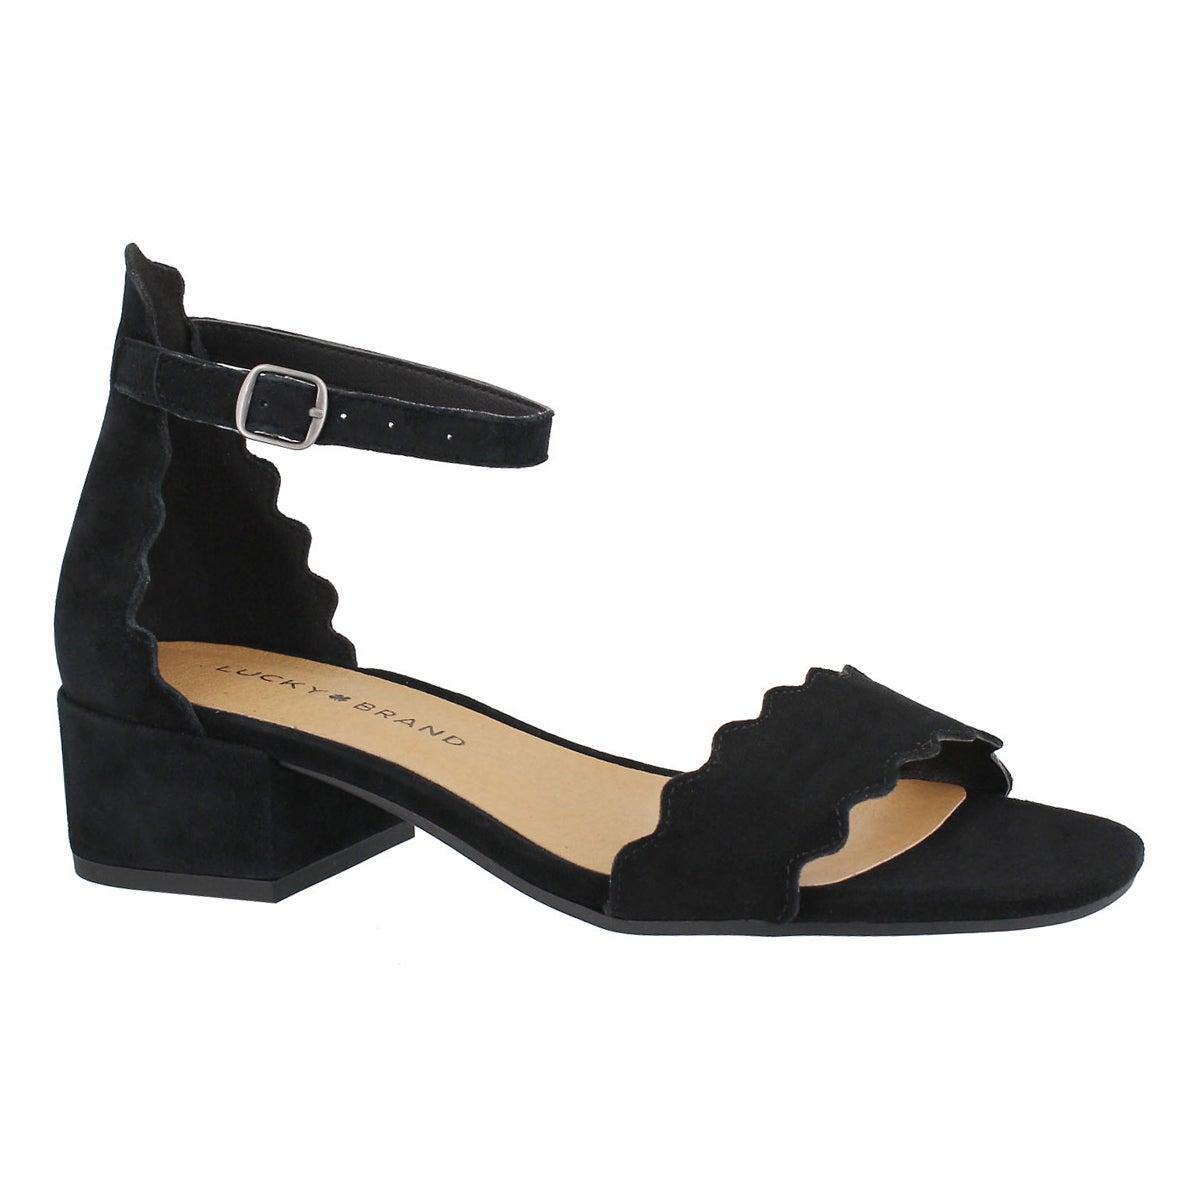 Women's NORREYS black dress sandals